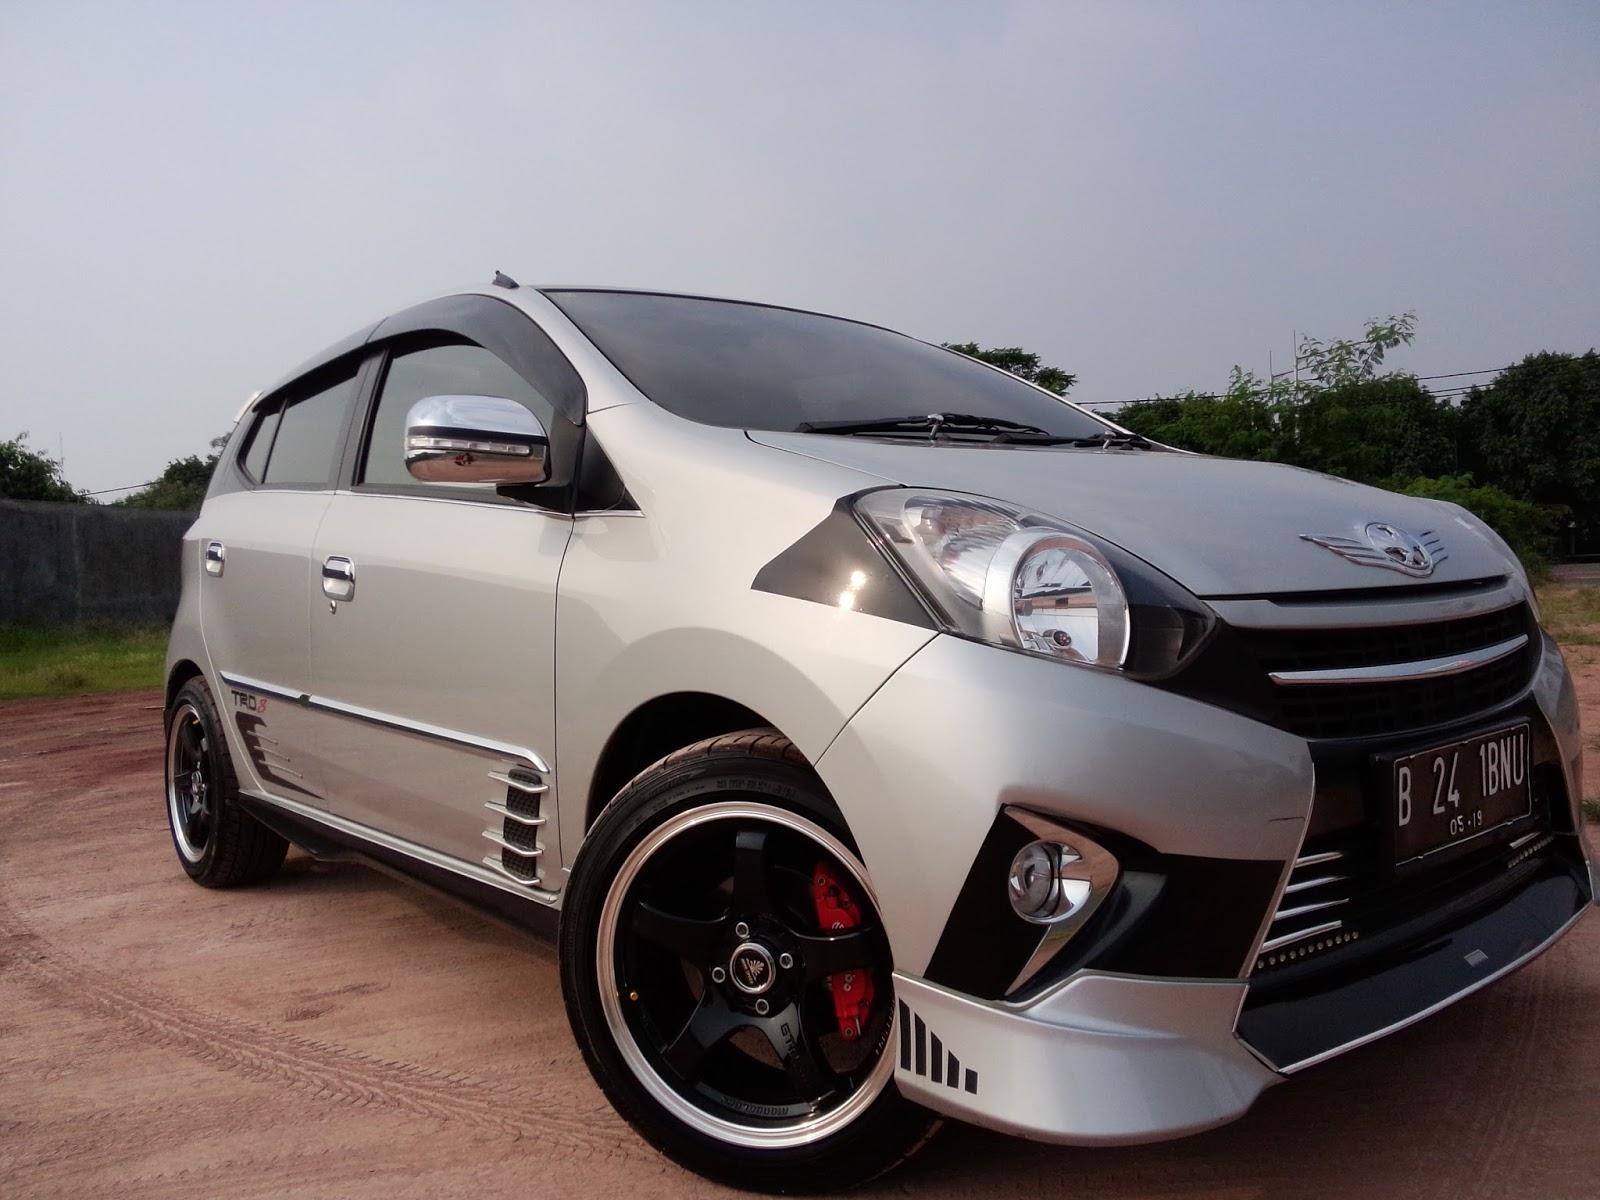 Kumpulan Modifikasi Mobil Agya Warna Putih 2018 Modifikasi Mobil Avanza